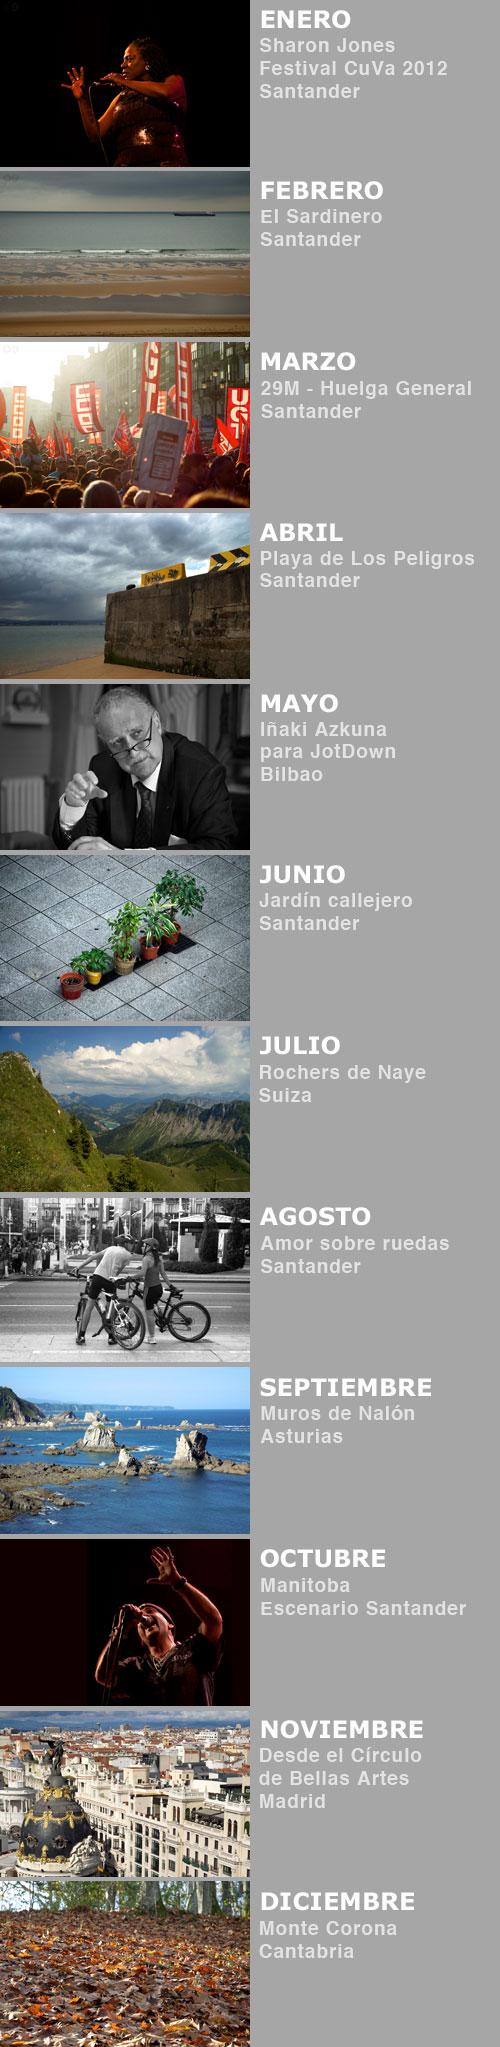 Resumen de 2012